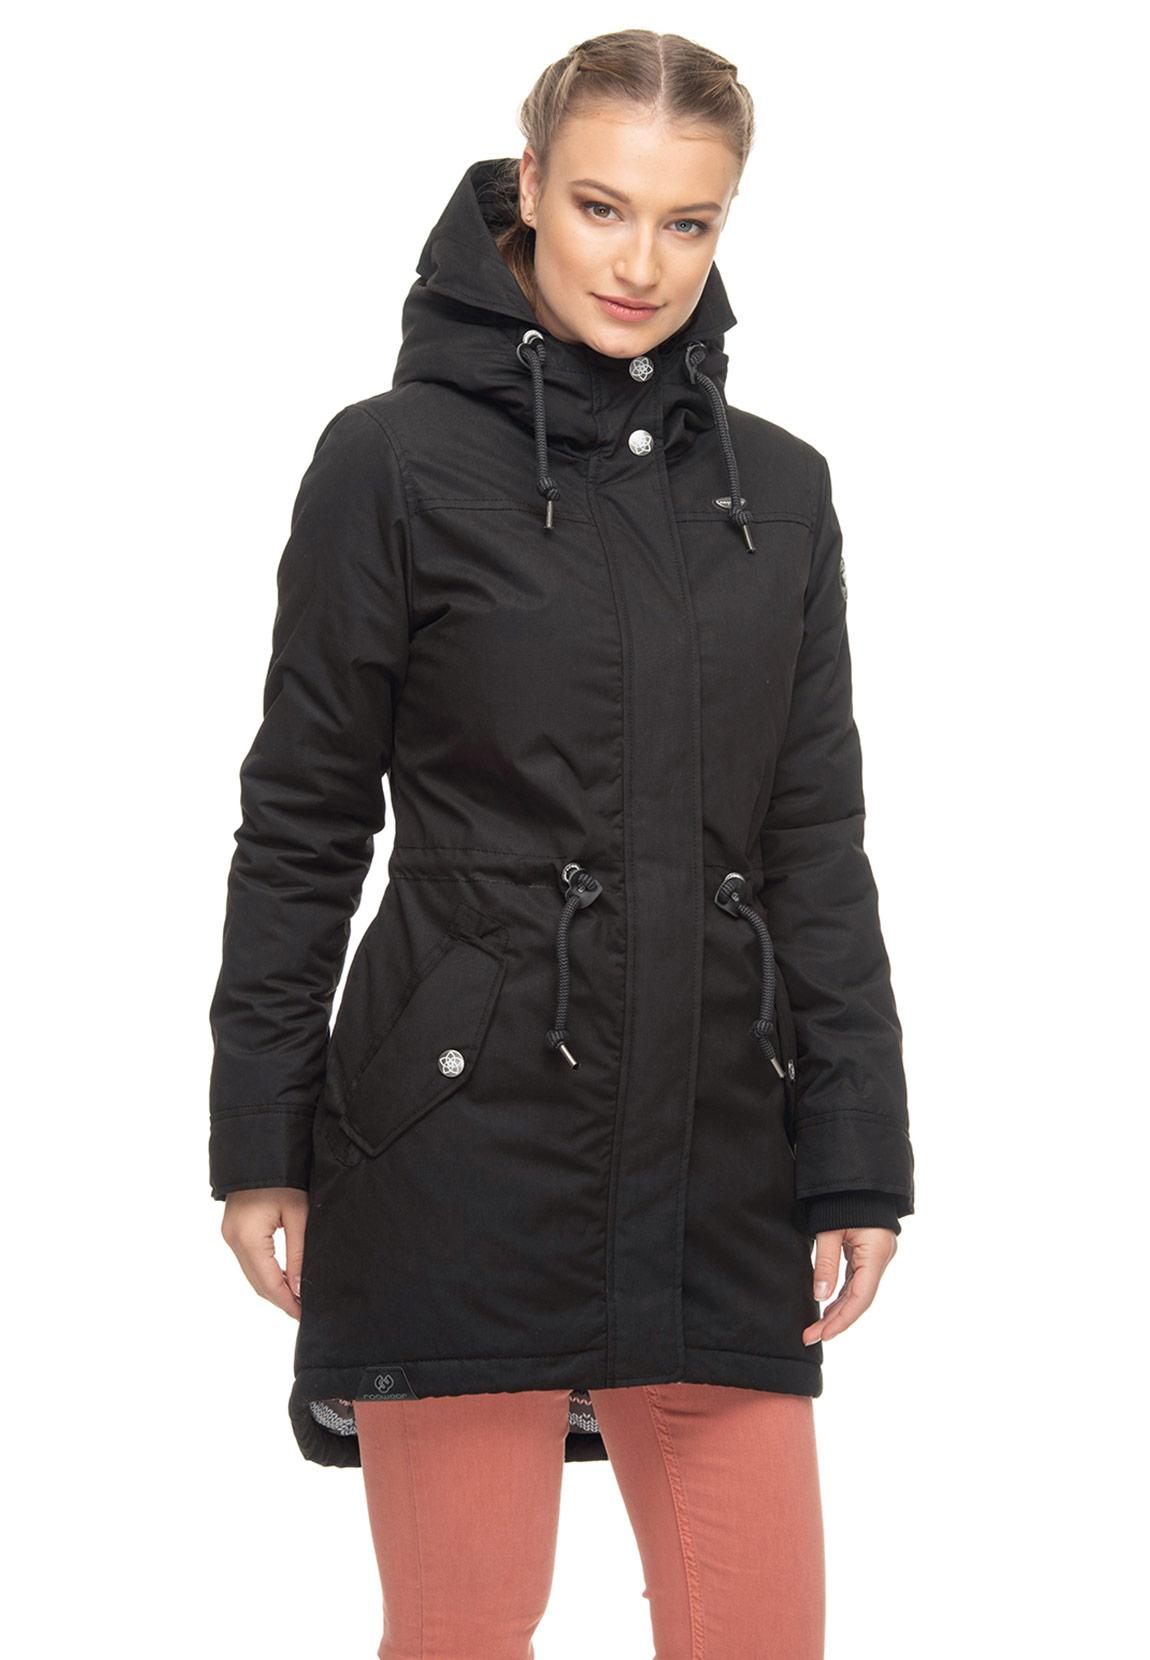 Details zu Ragwear Jacke Damen ELBA COAT B 1921 60031 Schwarz Black 1010